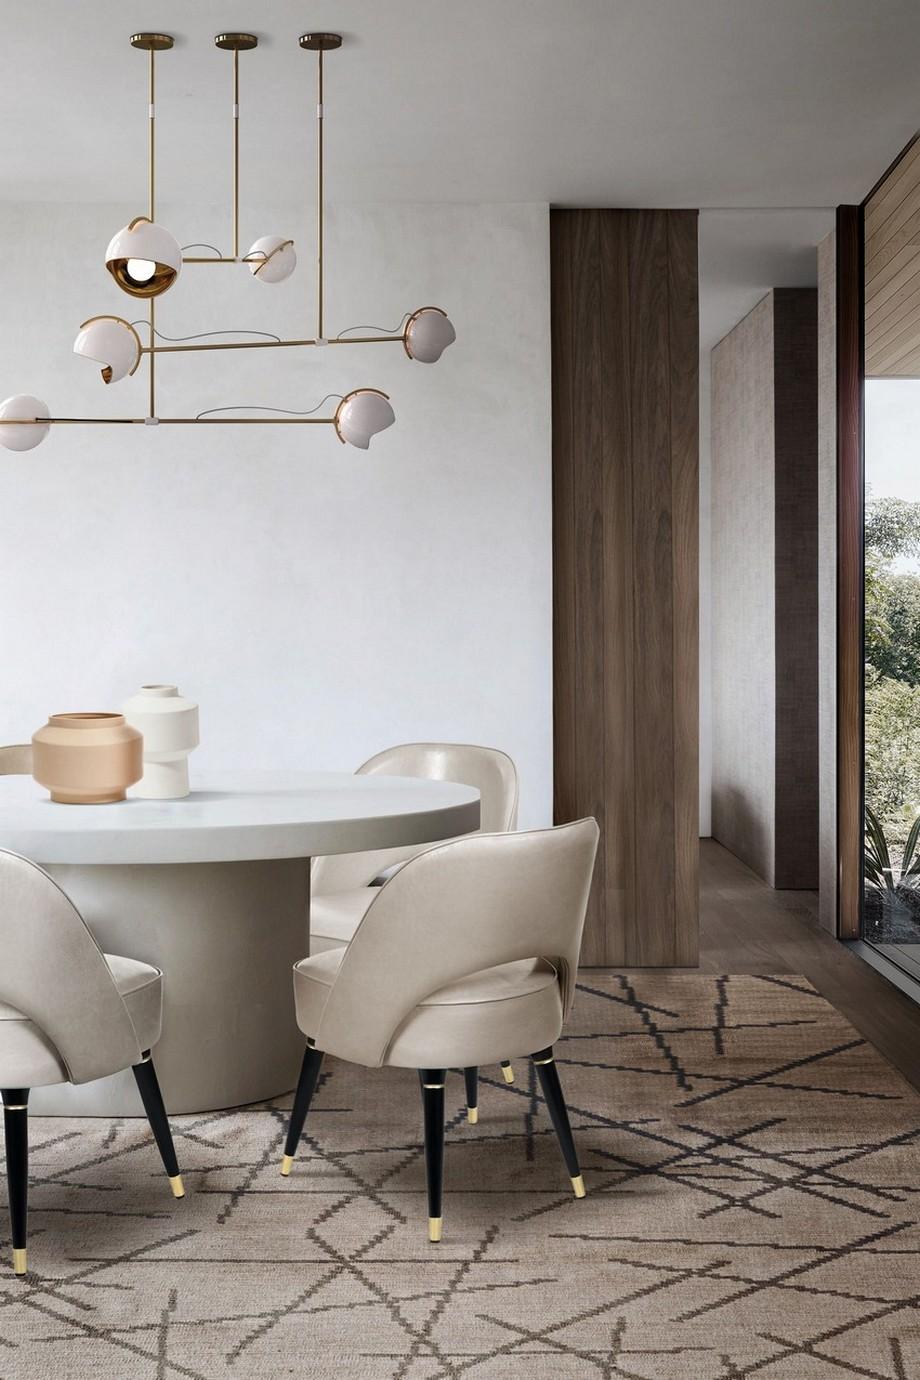 Diseño de Interiores de Vivendas de Medio-siglo lujuosas y perfectas para inspirar diseño de interiores Diseño de Interiores de Vivendas de Medio-siglo lujuosas y perfectas para inspirar 8TRmCFZQ 1